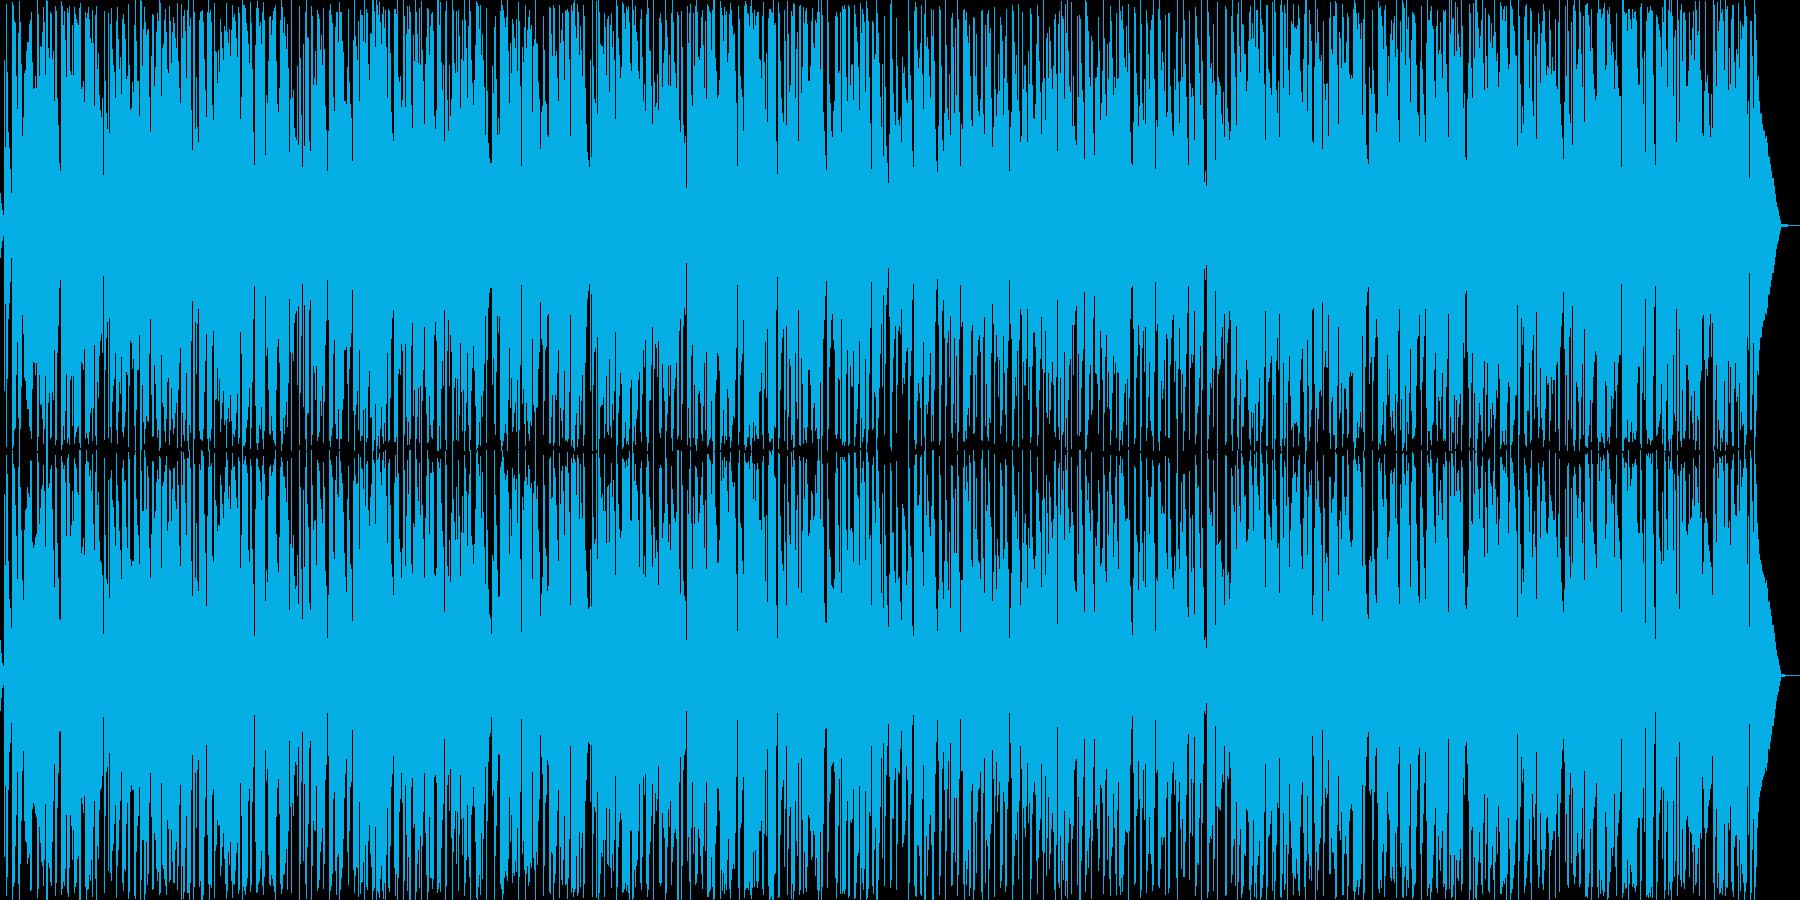 ほのぼの女性ボーカル・ウクレレリコーダーの再生済みの波形